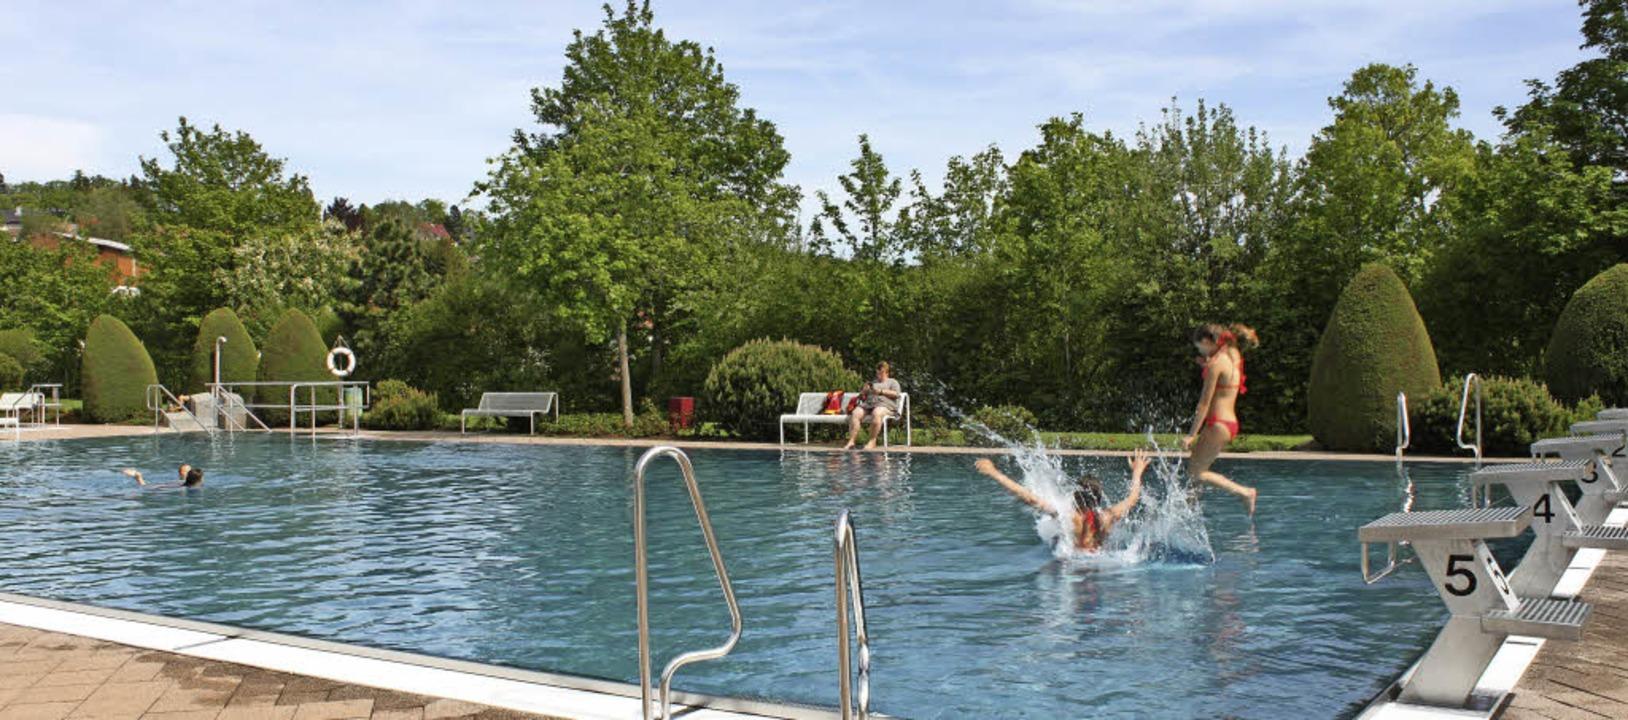 Genügend Platz zum Toben und Ruhen hat... in dieser Saison den Schwimmbadkiosk.    Foto: Martha Weishaar